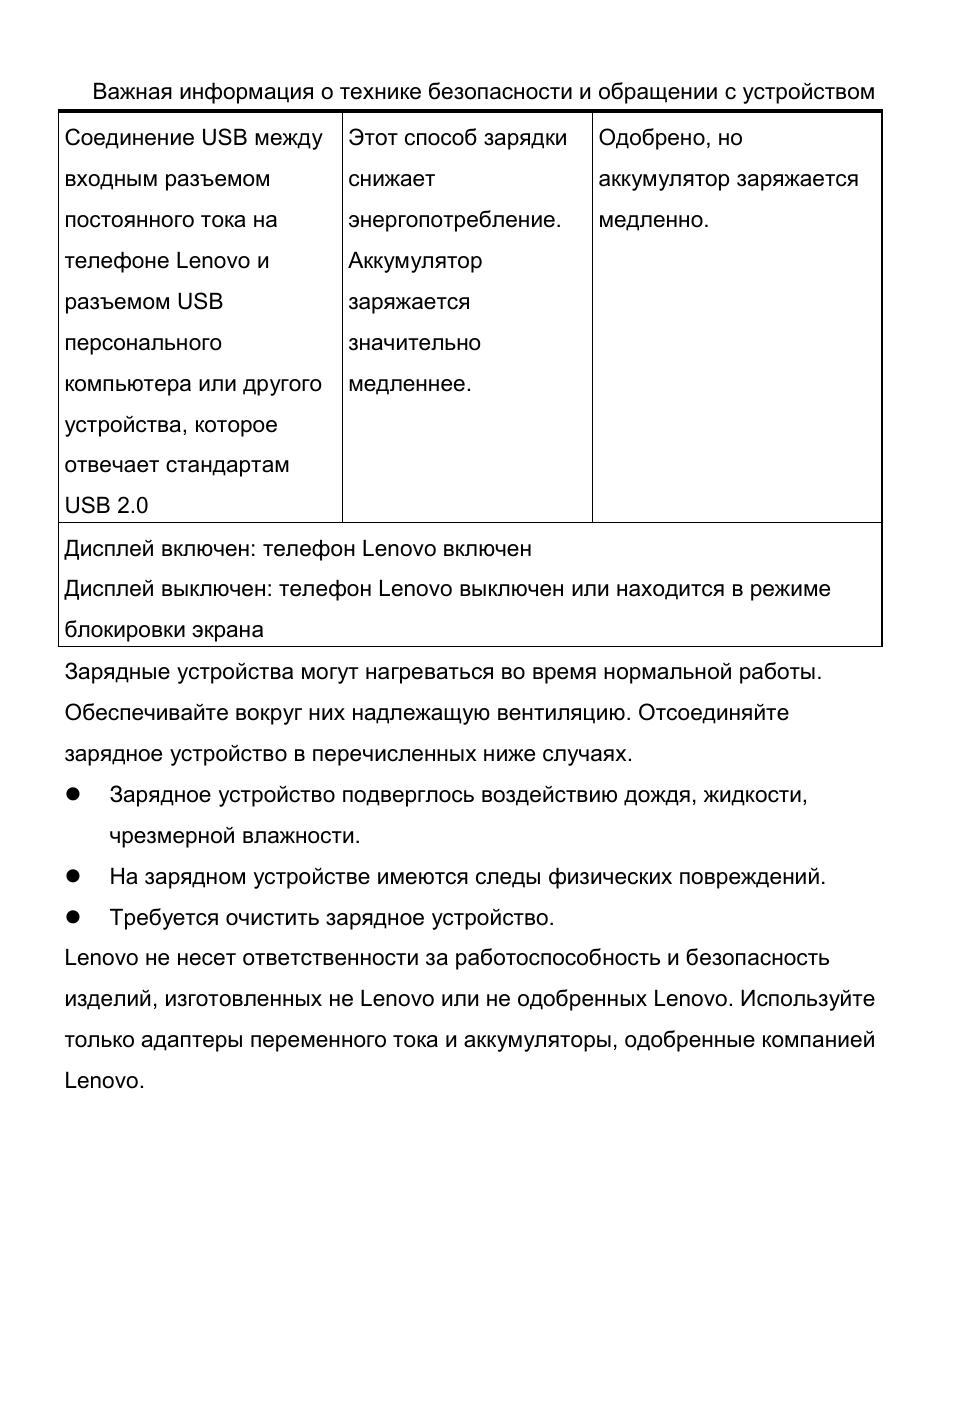 Важная информация о технике безопасности и обращении с устро.